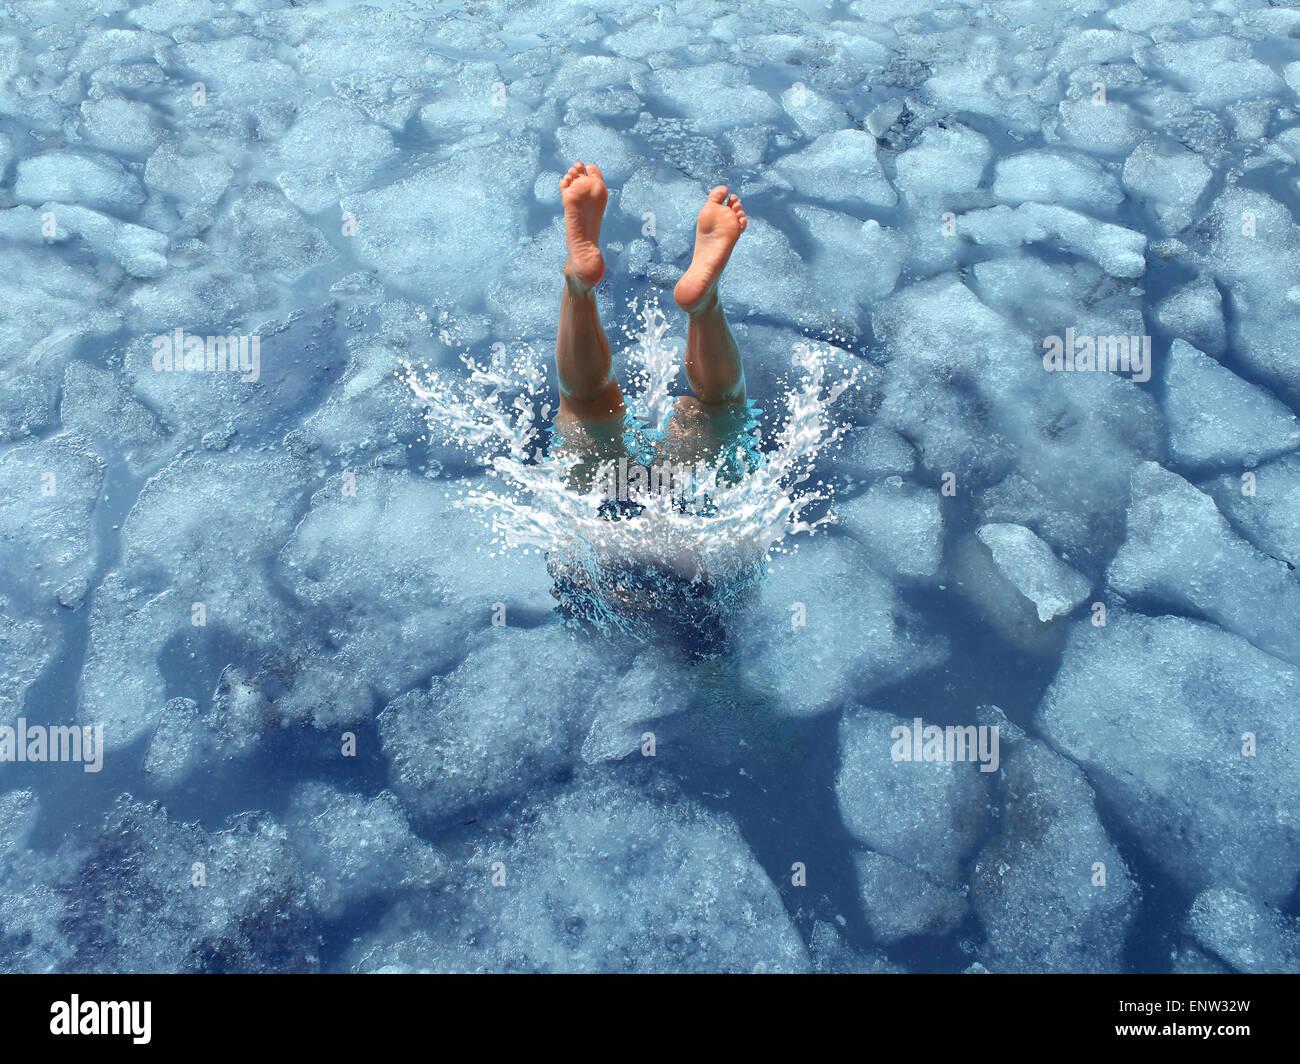 Raffreddare e raffreddamento nozione come un subacqueo in immersione ghiaccio congelato acqua come un simbolo per Immagini Stock